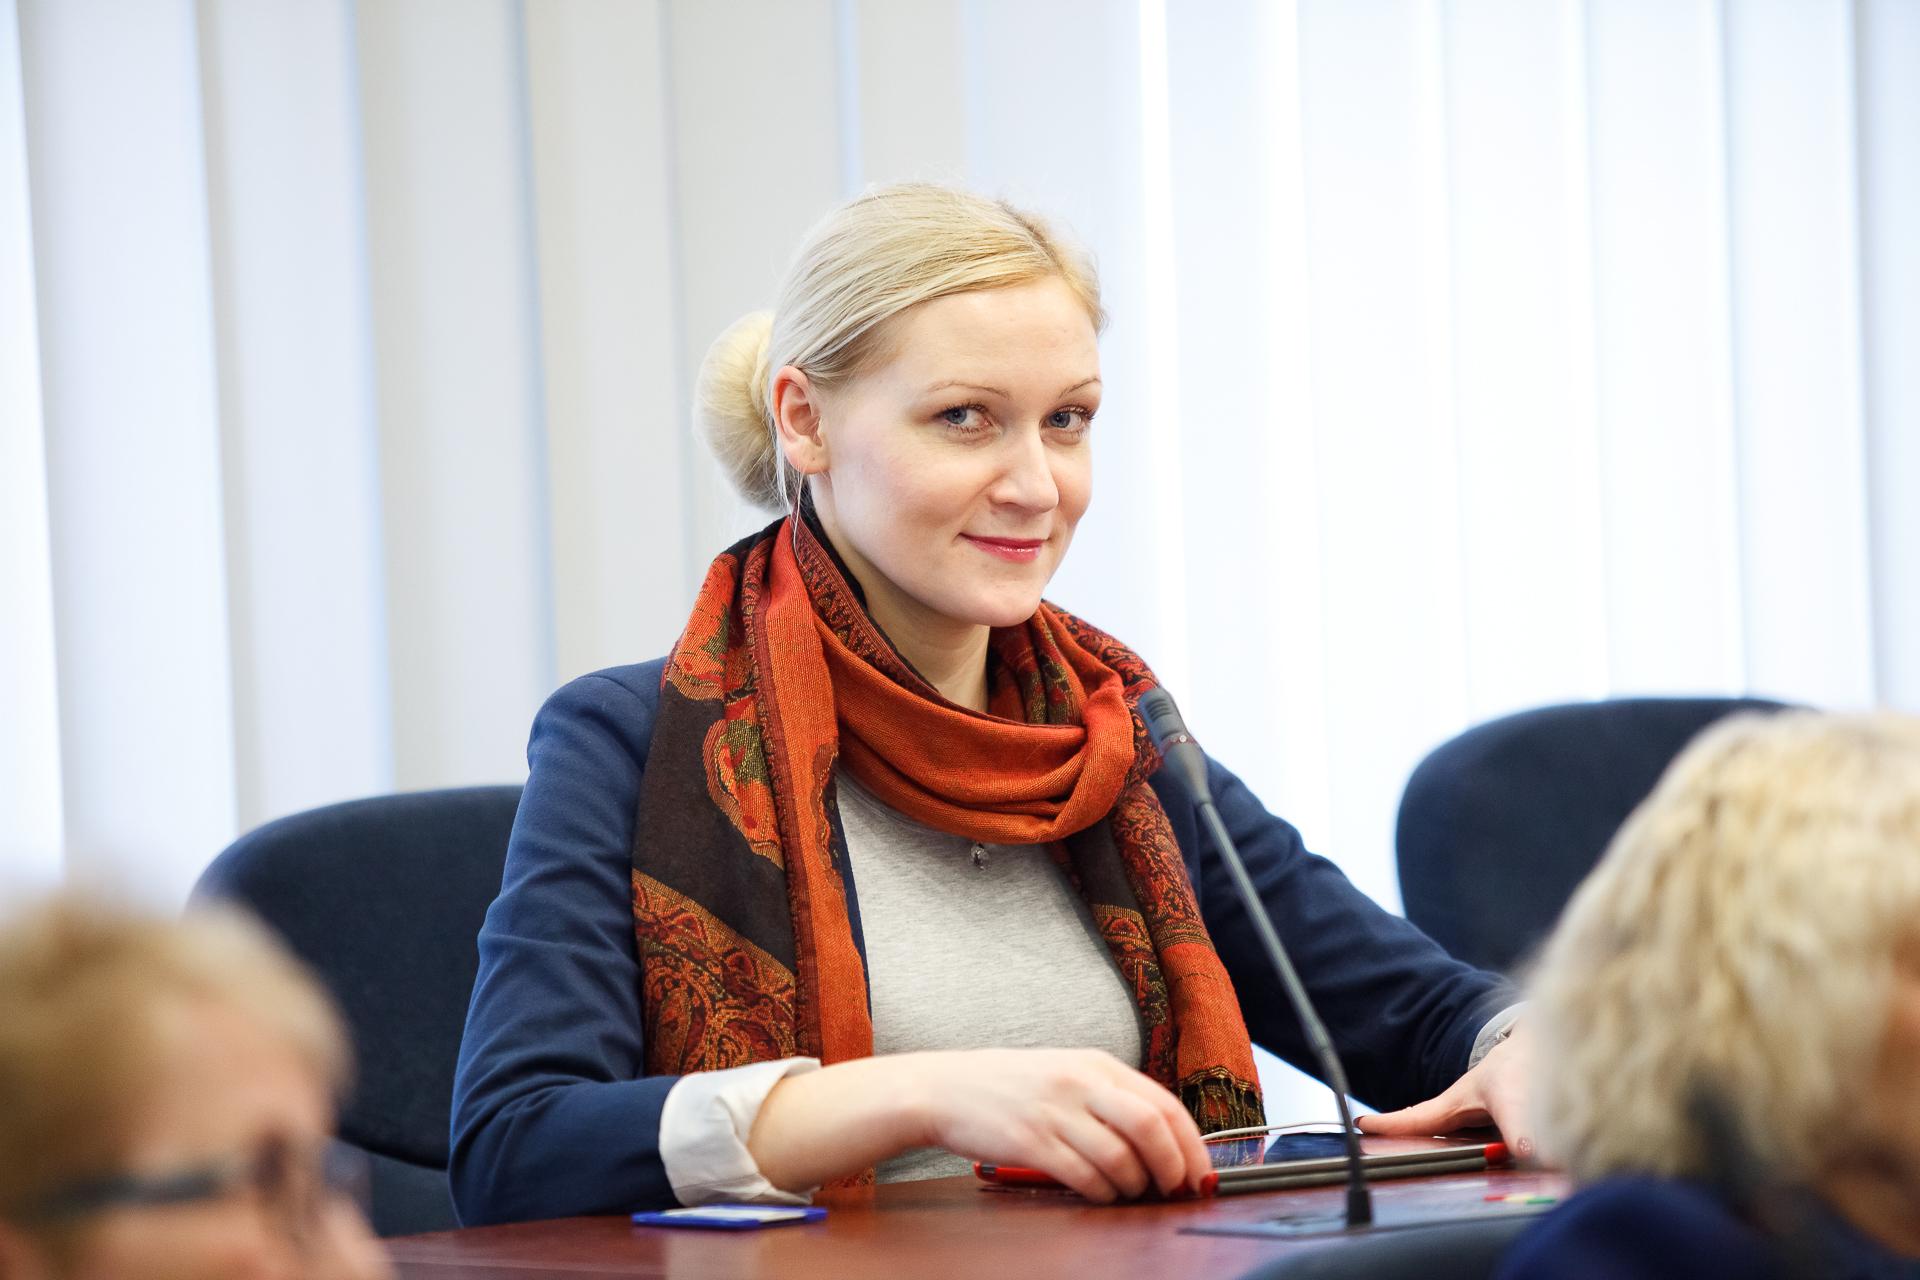 Švietimo, kultūros, sporto ir jaunimo reikalų komitetui pirmininkaus B. Gailienė